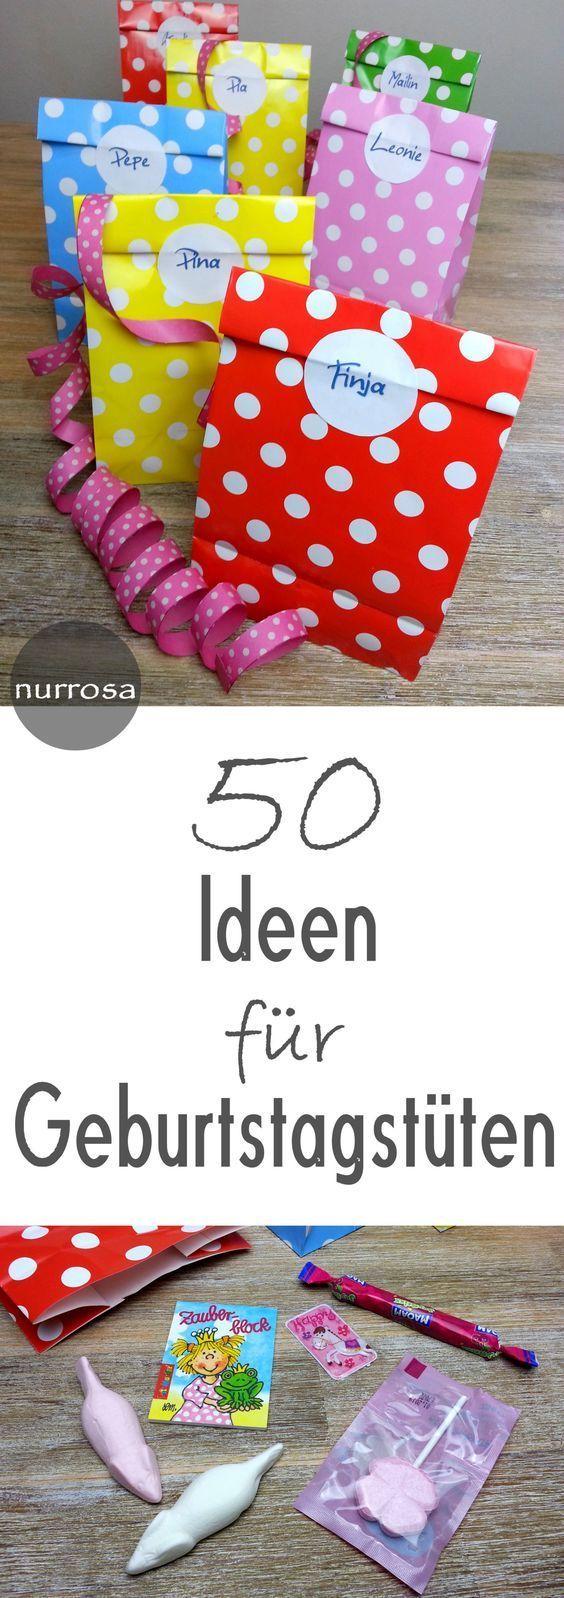 50 Ideen Für Geburtstagstüten #diy #kids #basteln #geburtstag #geschenk  #shopping